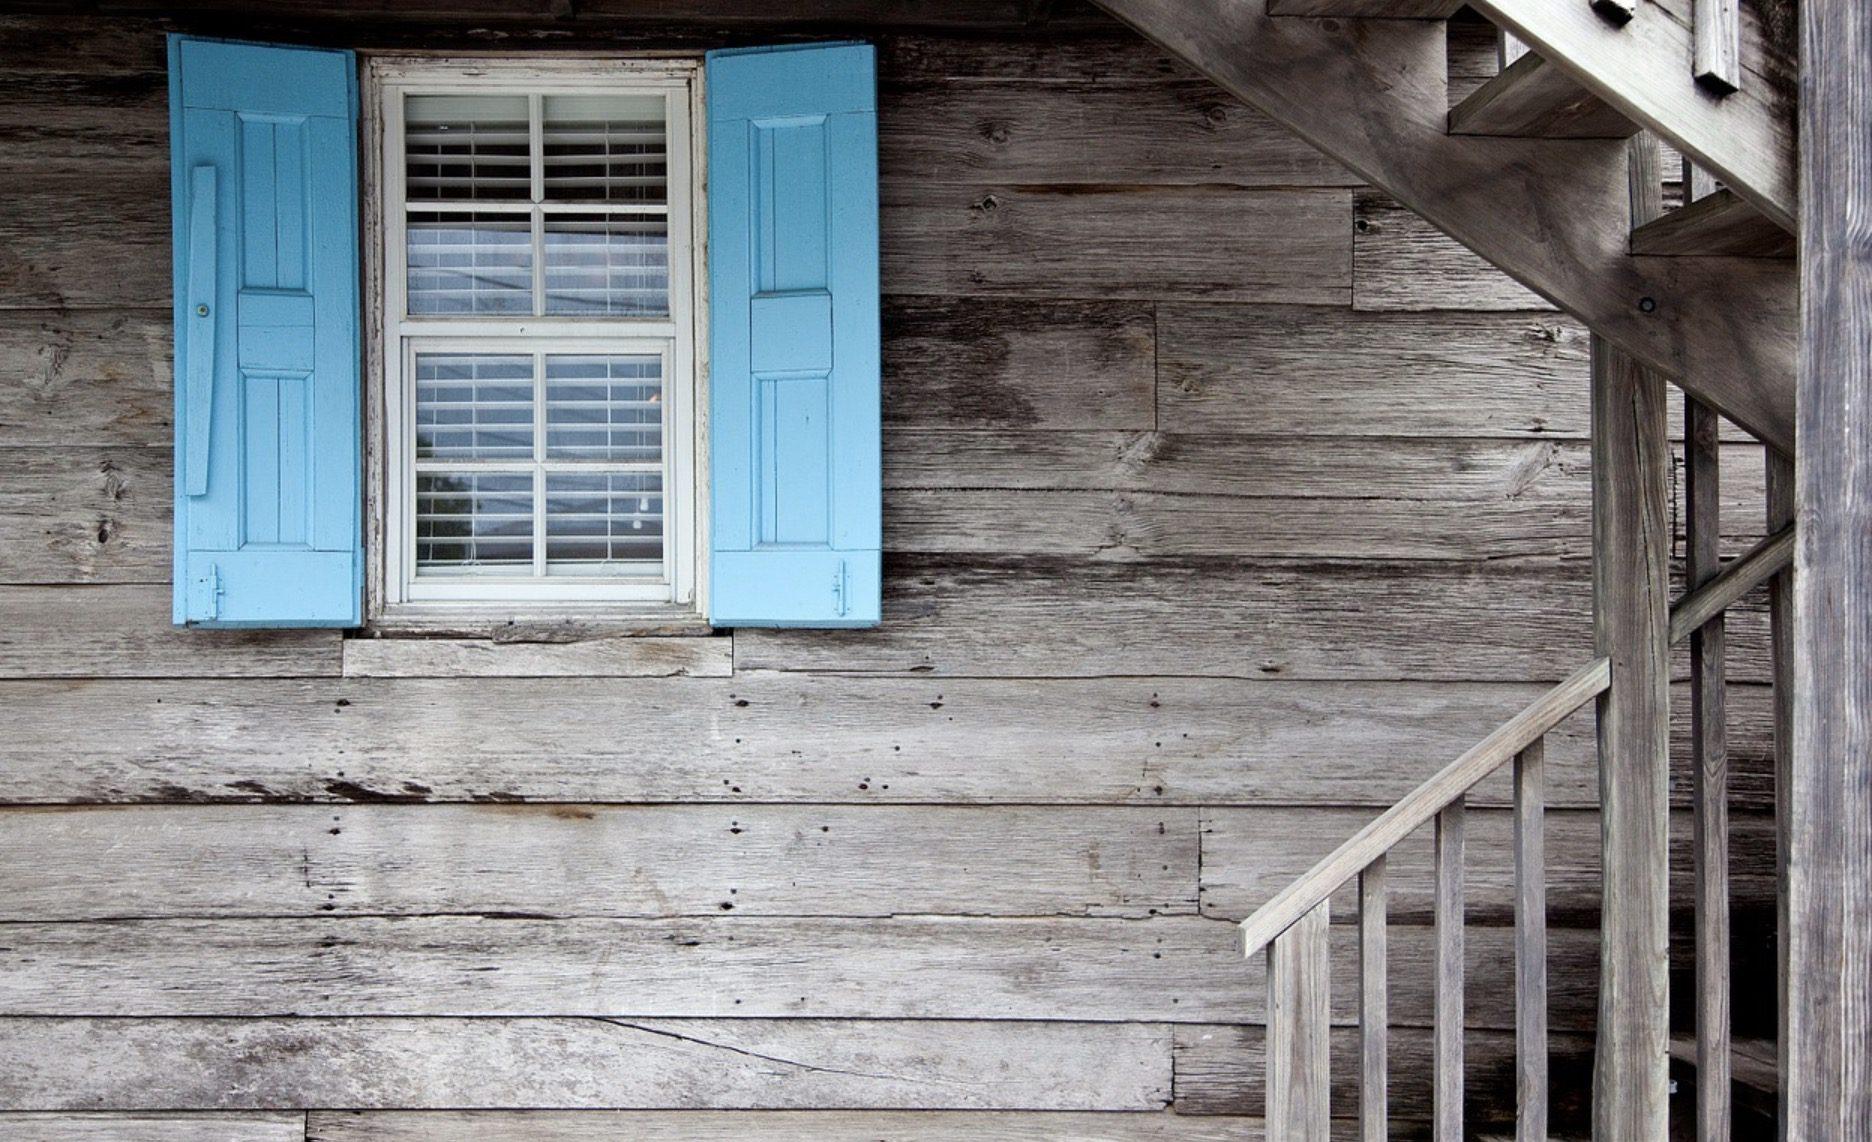 Changer les fenêtres de la maison